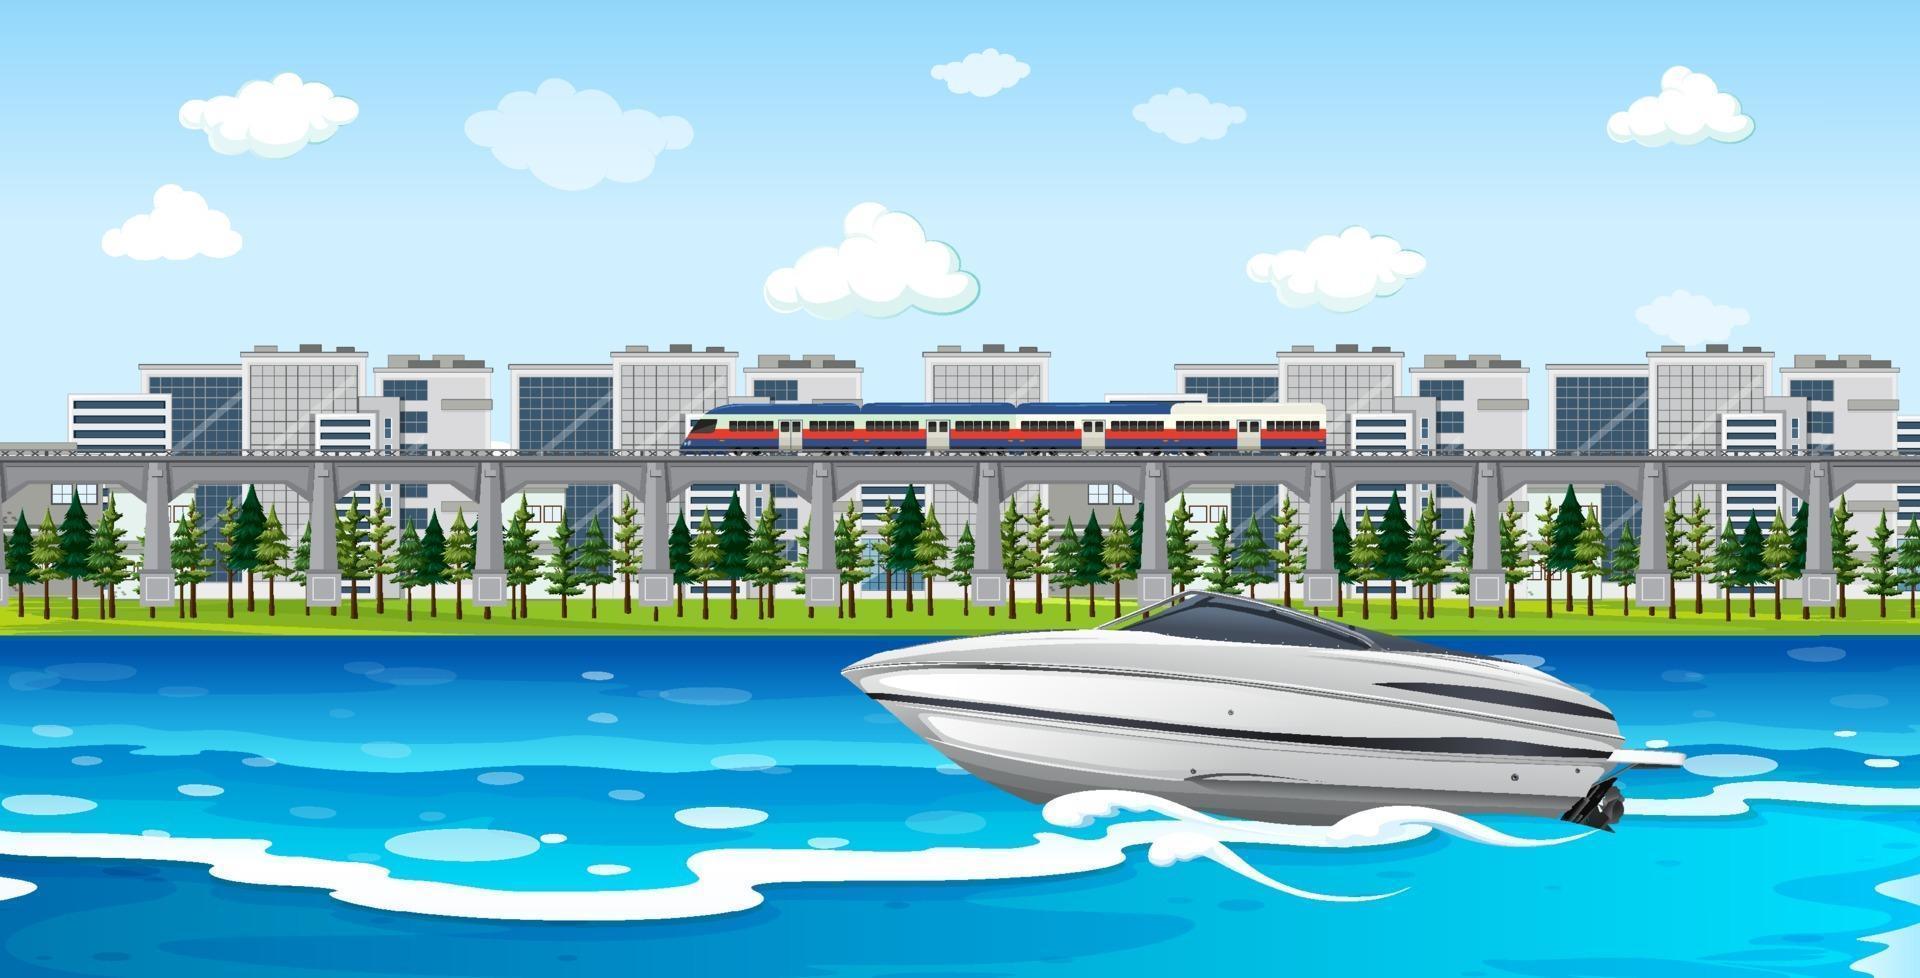 scène de ville fluviale avec un bateau rapide vecteur